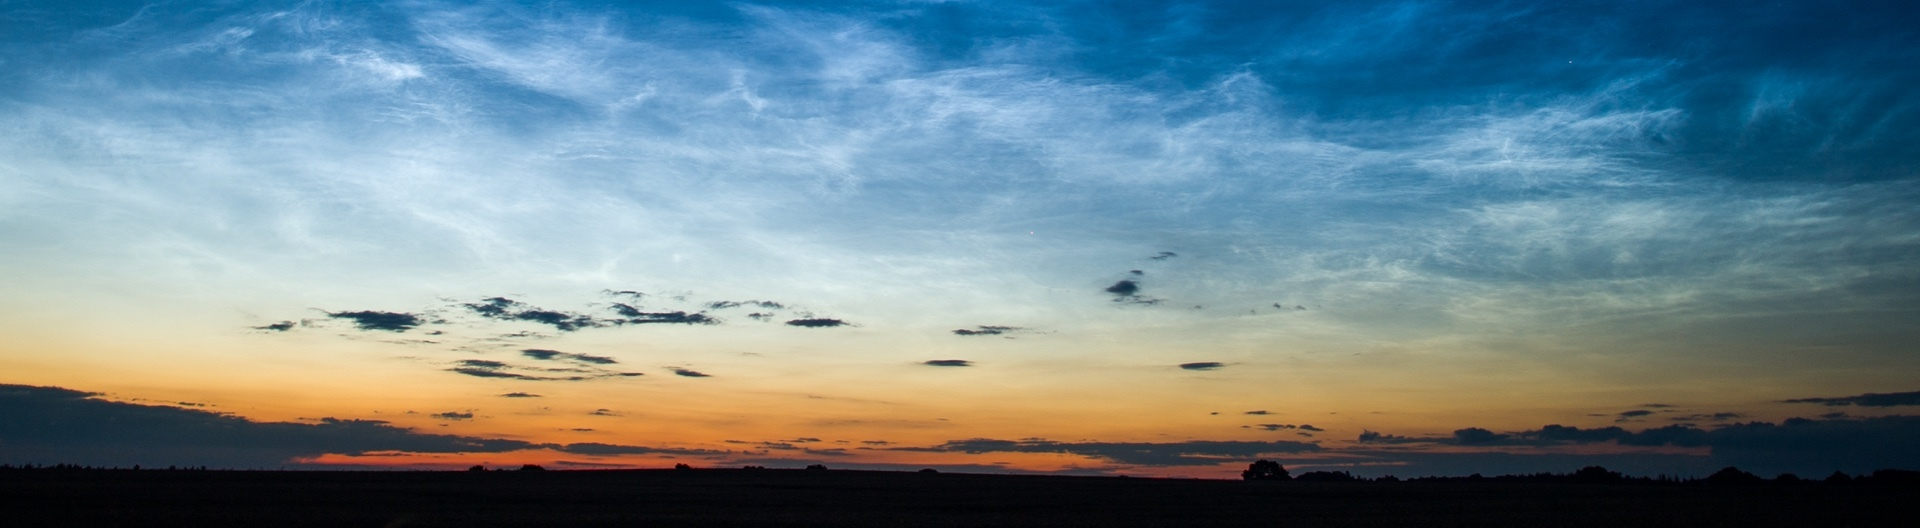 Leuchtende Nachtwolken am 05.07.2016 kurz vor Mitternacht über Sieversdorf (Brandenburg).